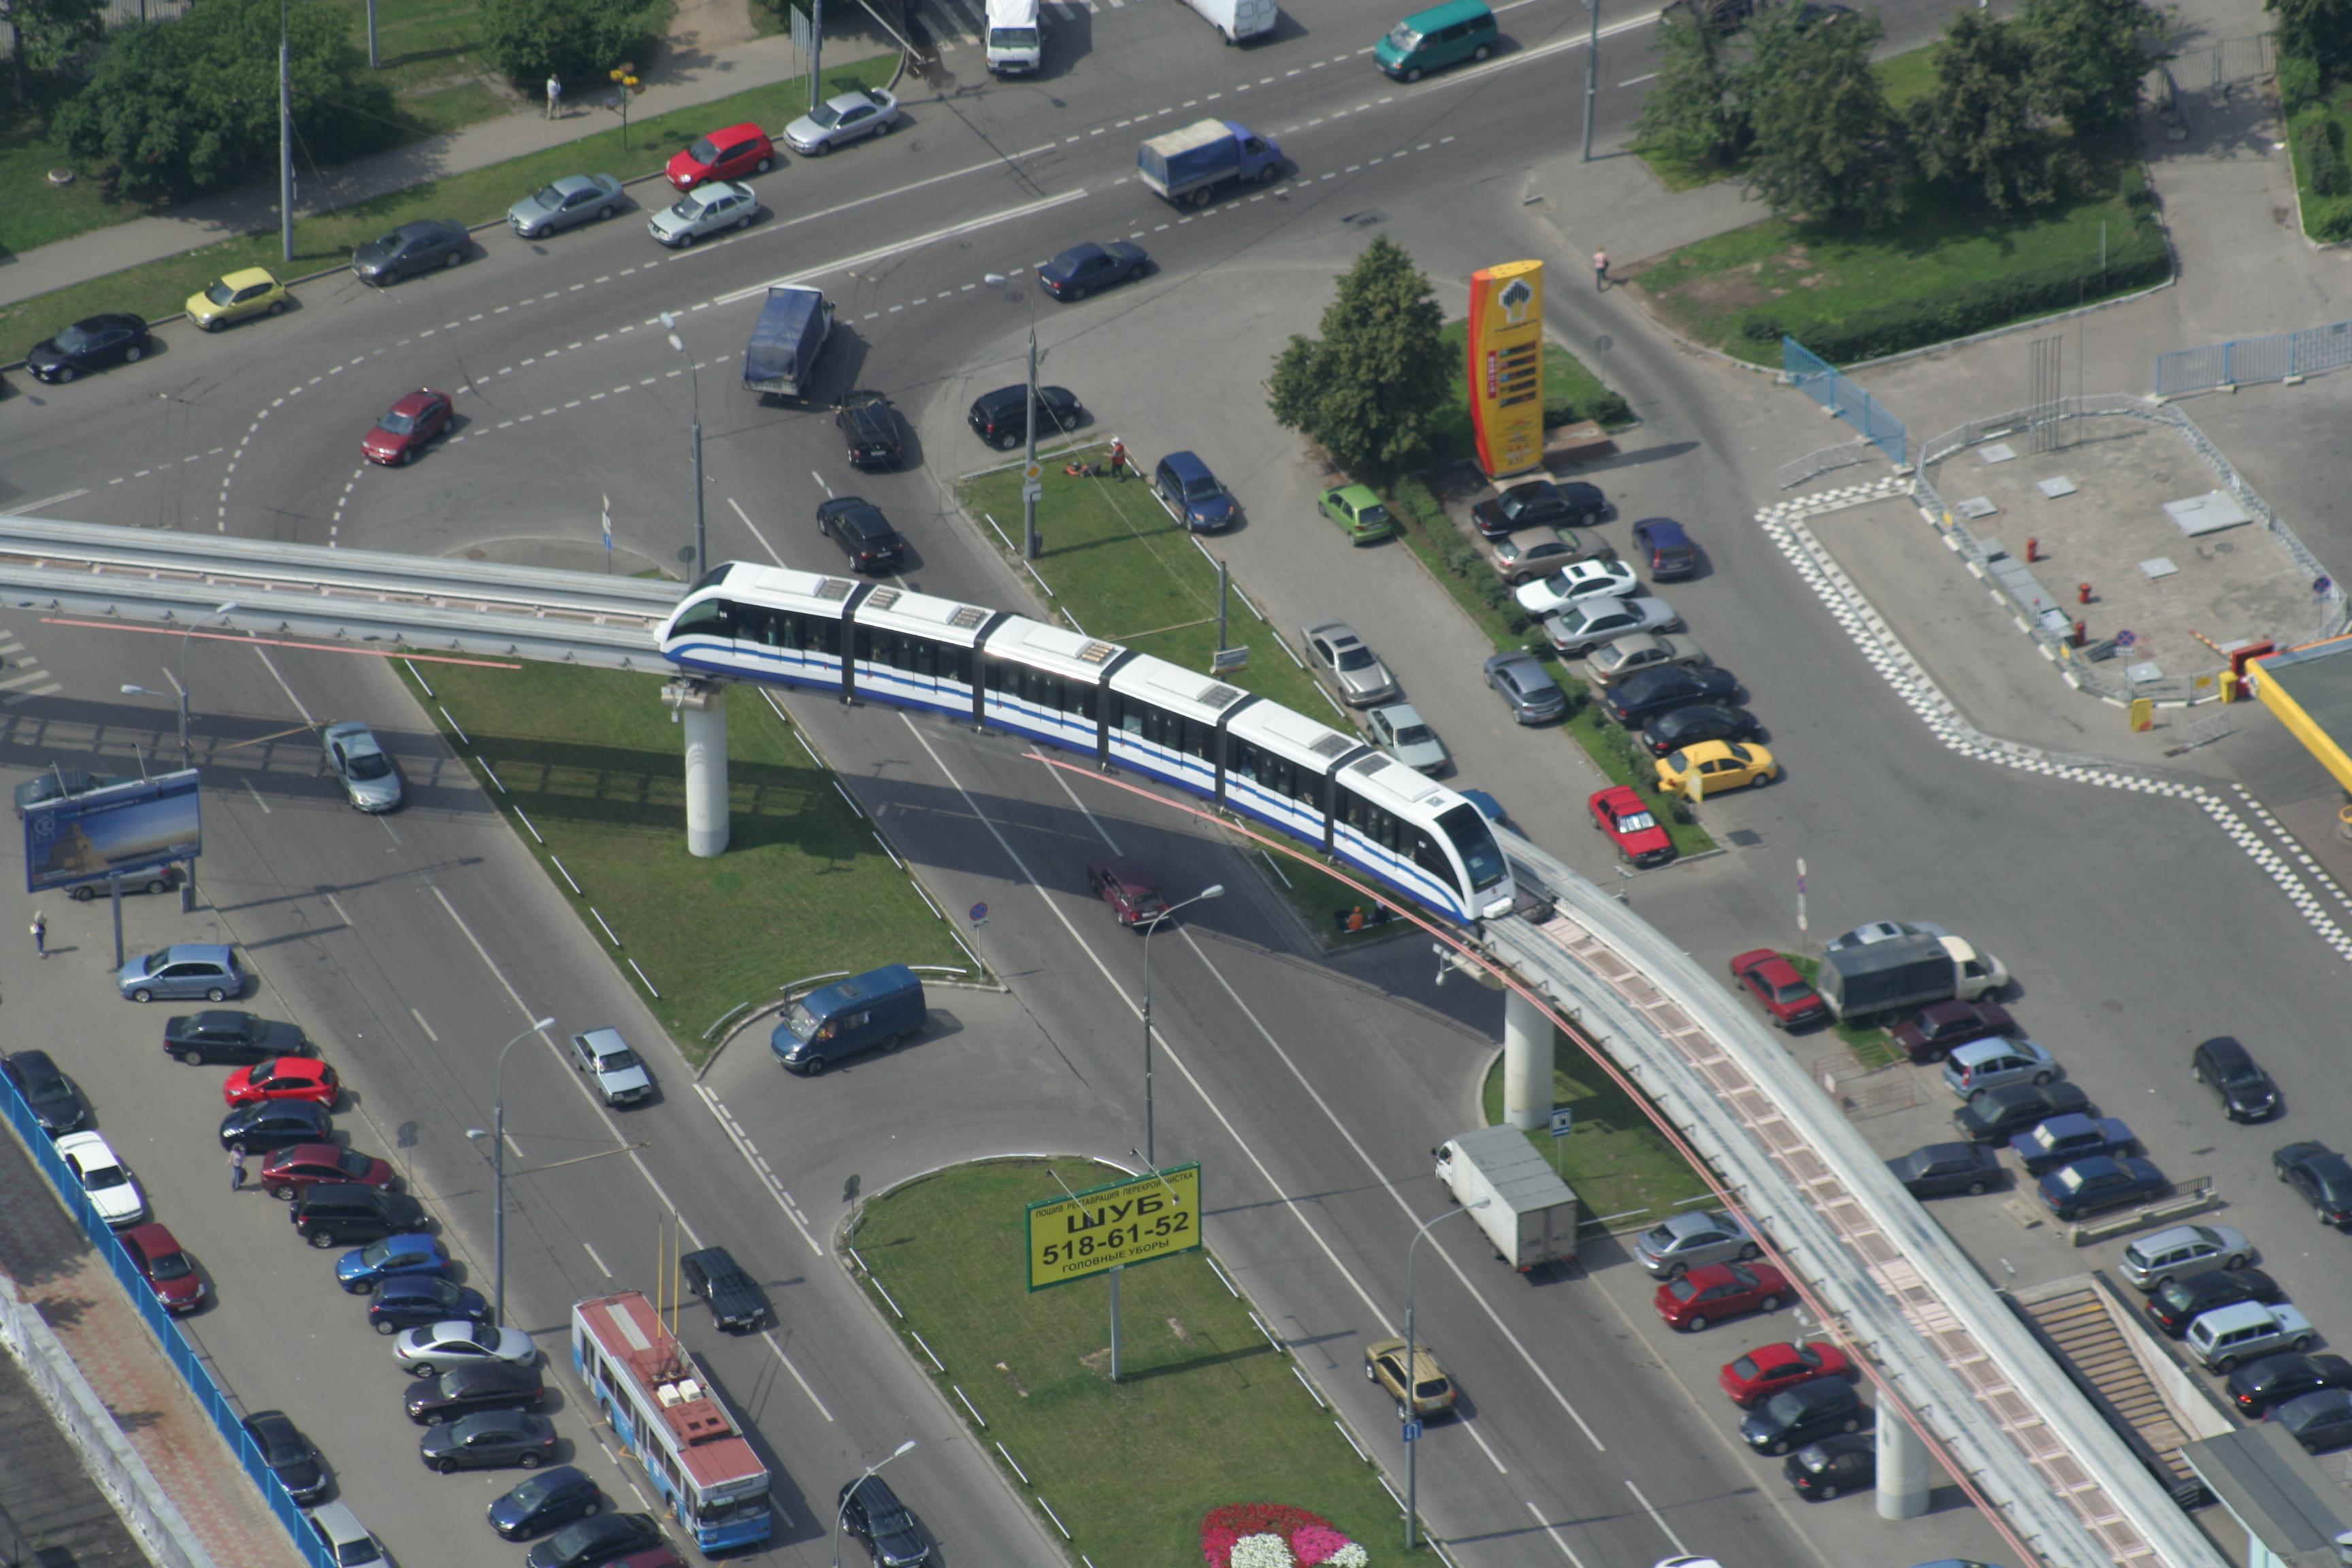 схема метро с монорельсовой дорогой